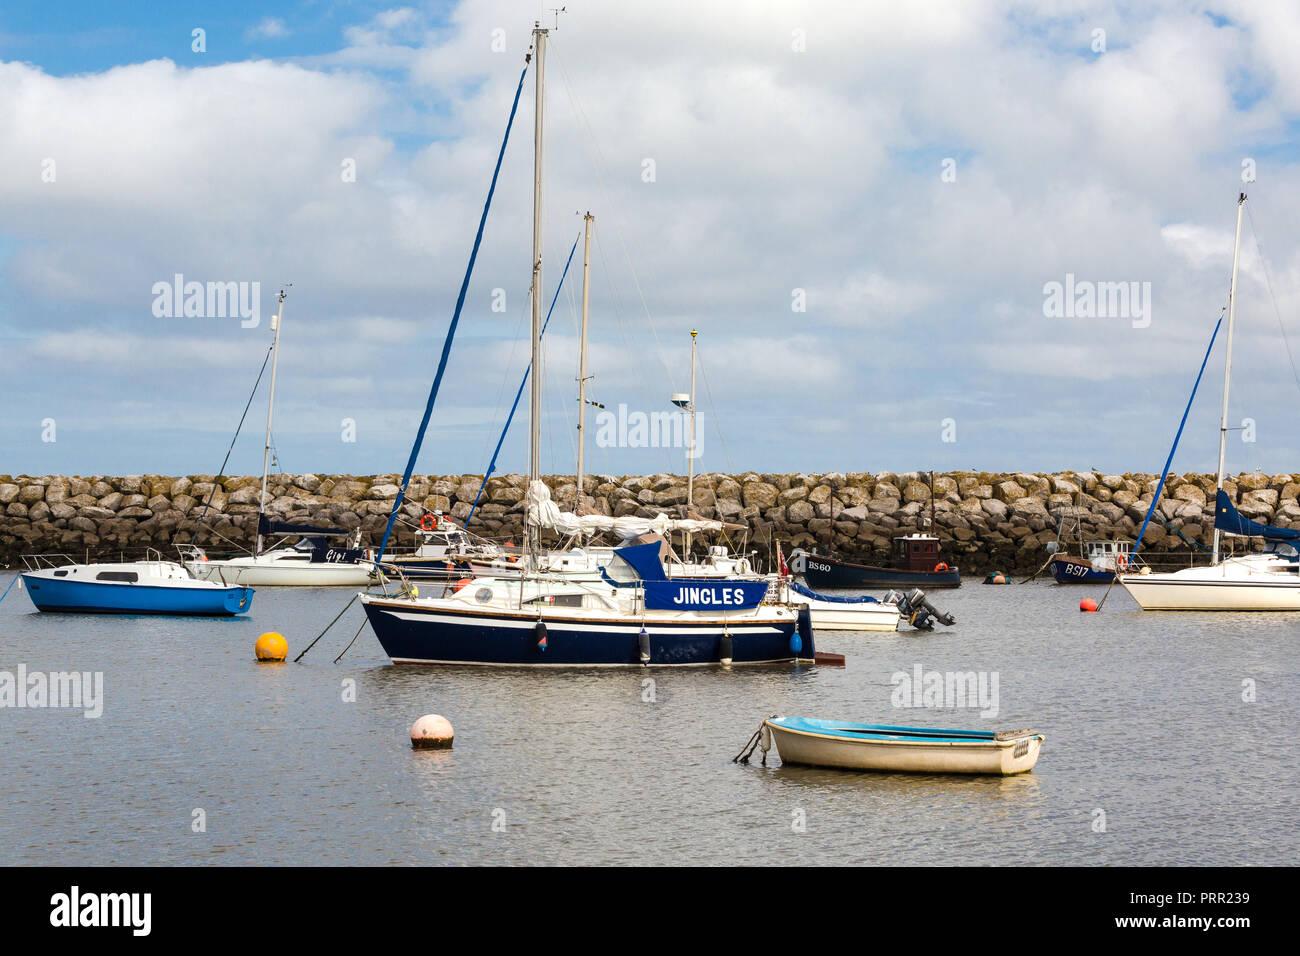 Yachts at anchor Rhos-on-Sea, Llandudno North Wales UK - Stock Image